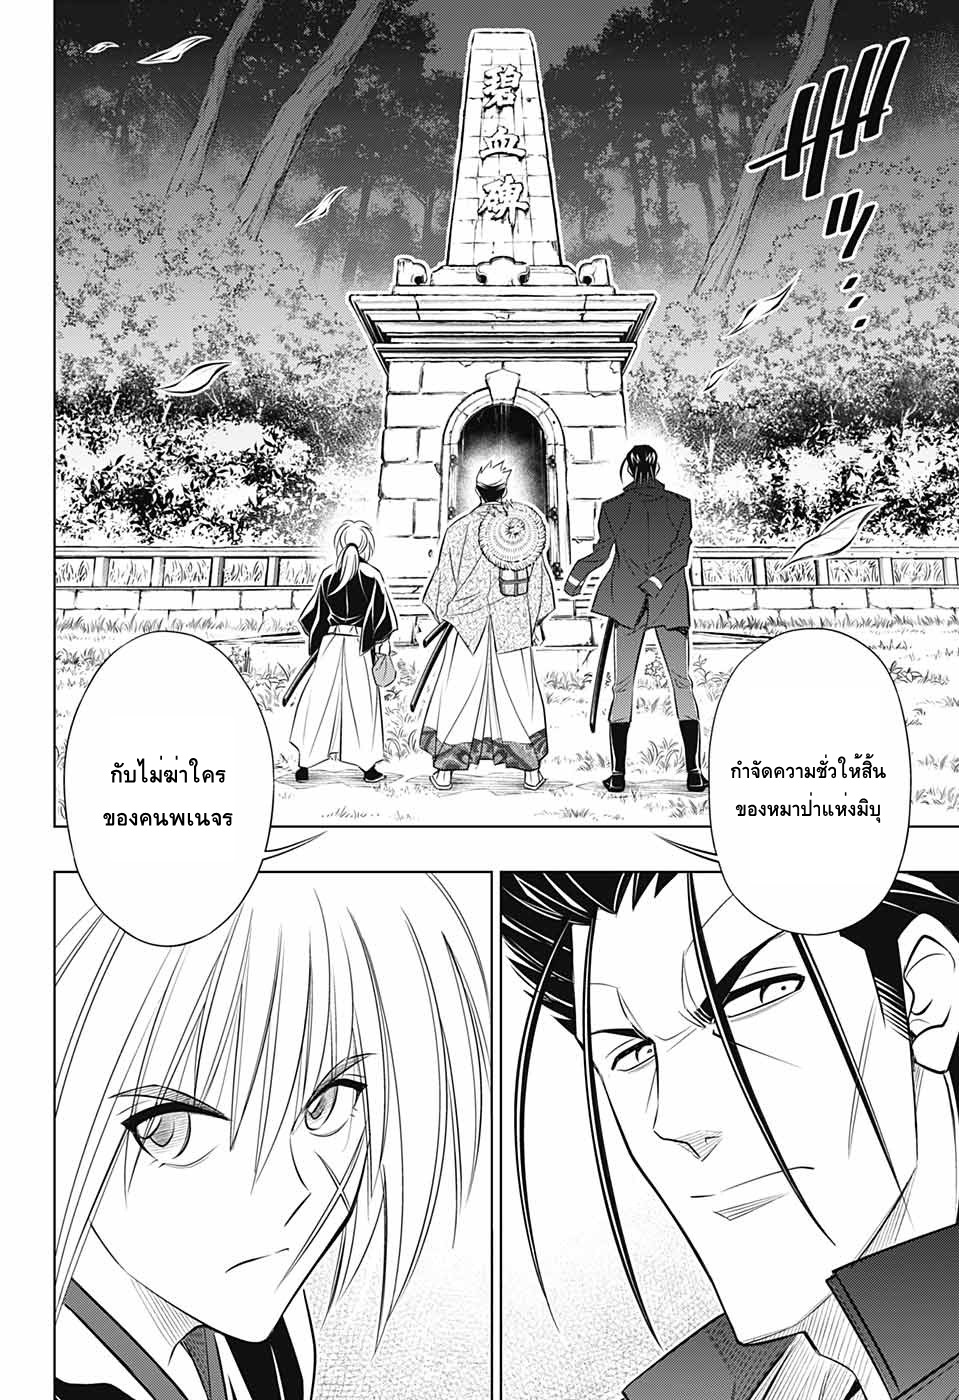 อ่านการ์ตูน Rurouni Kenshin: Hokkaido Arc ตอนที่ 15 หน้าที่ 17